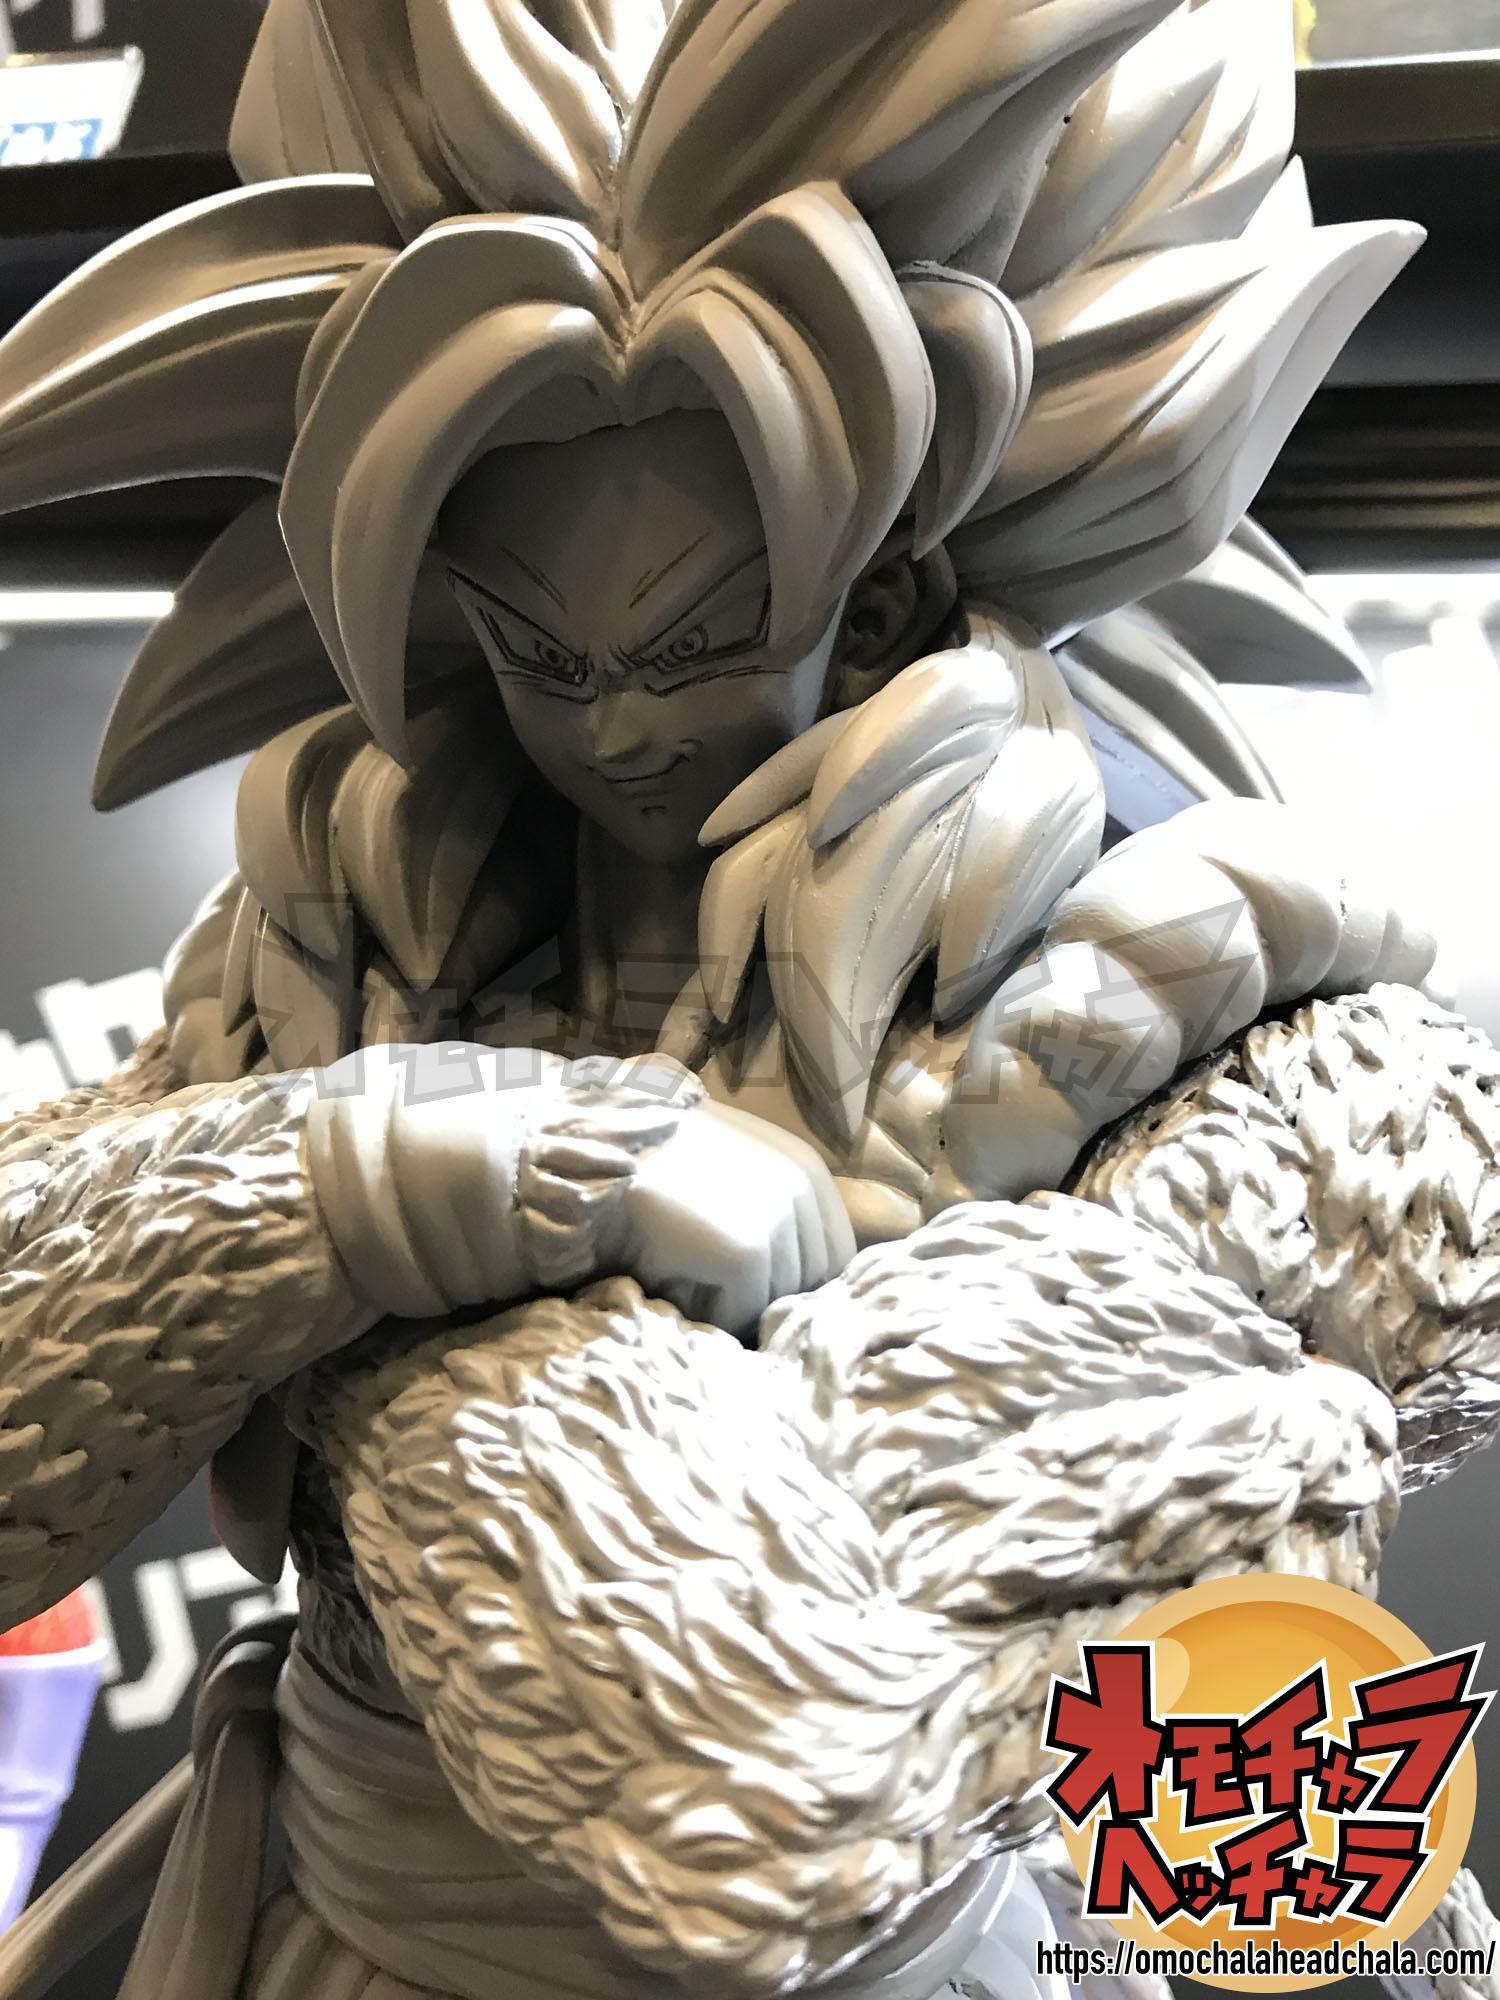 ドラゴンボールフィギュアレビューブログのギガンティックシリーズの超サイヤ人4ゴジータ